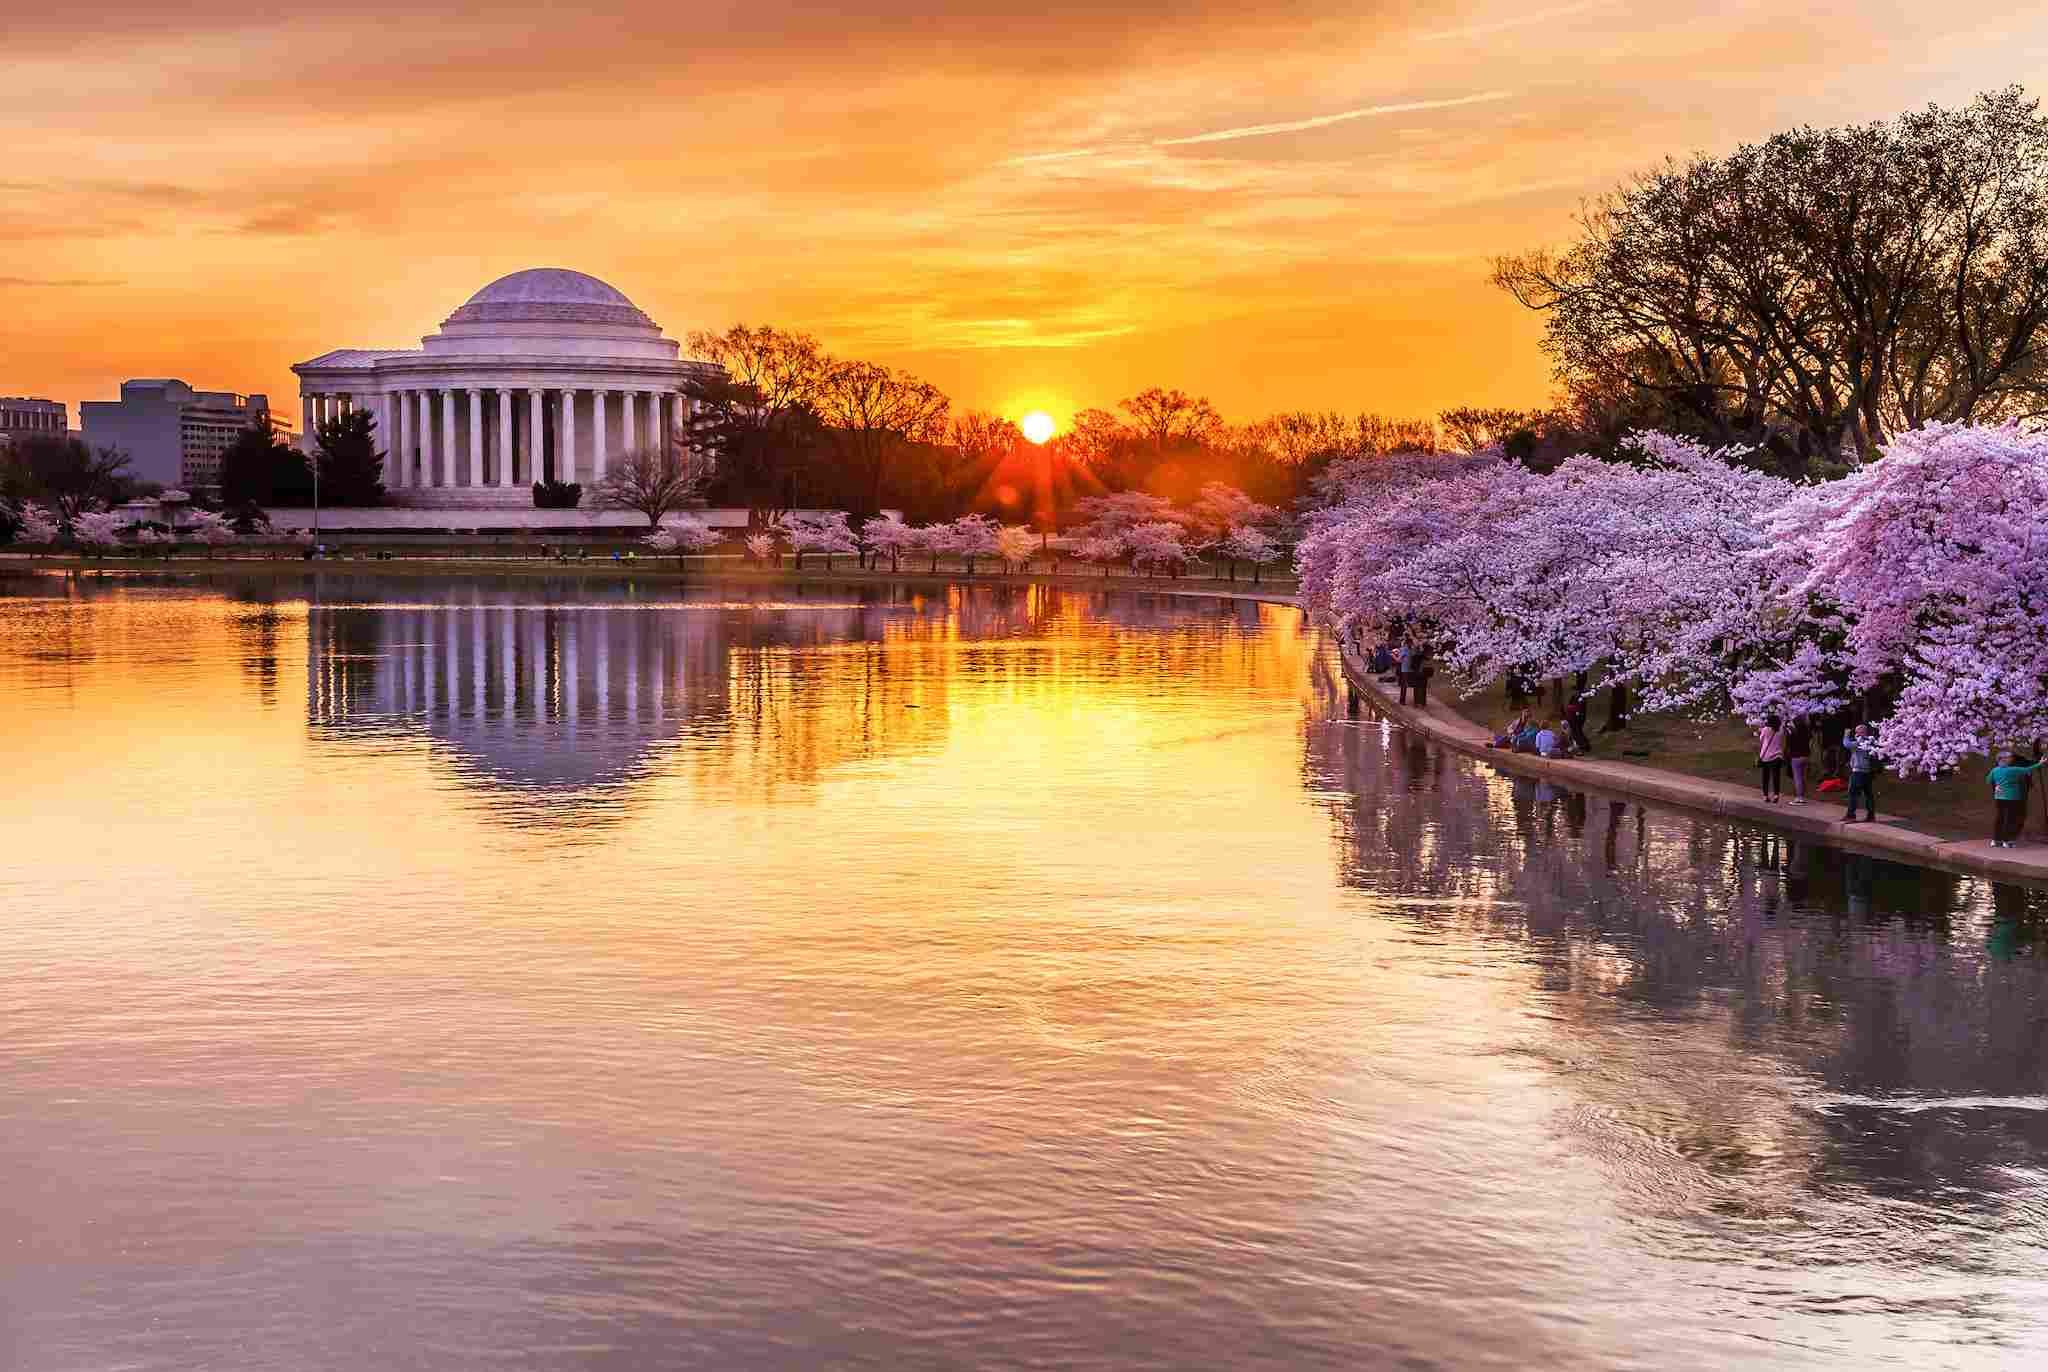 Flores de cerezo a lo largo de la Cuenca Tidal en Washington, DC